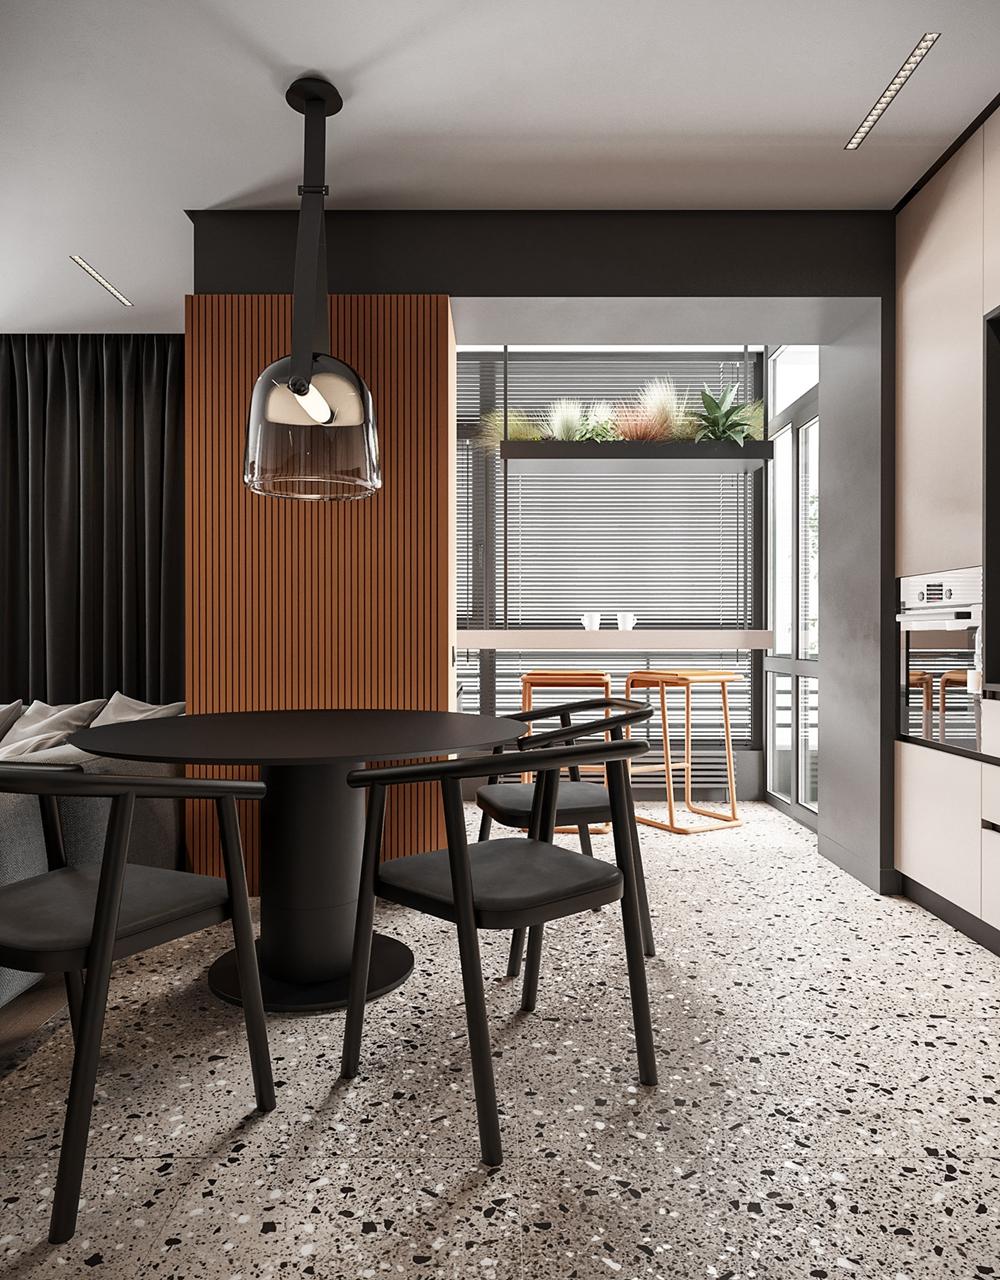 餐厅采用黑橘色为主色调,有着较为现代的气场,一切装饰简单化彰显出尊贵与奢华。